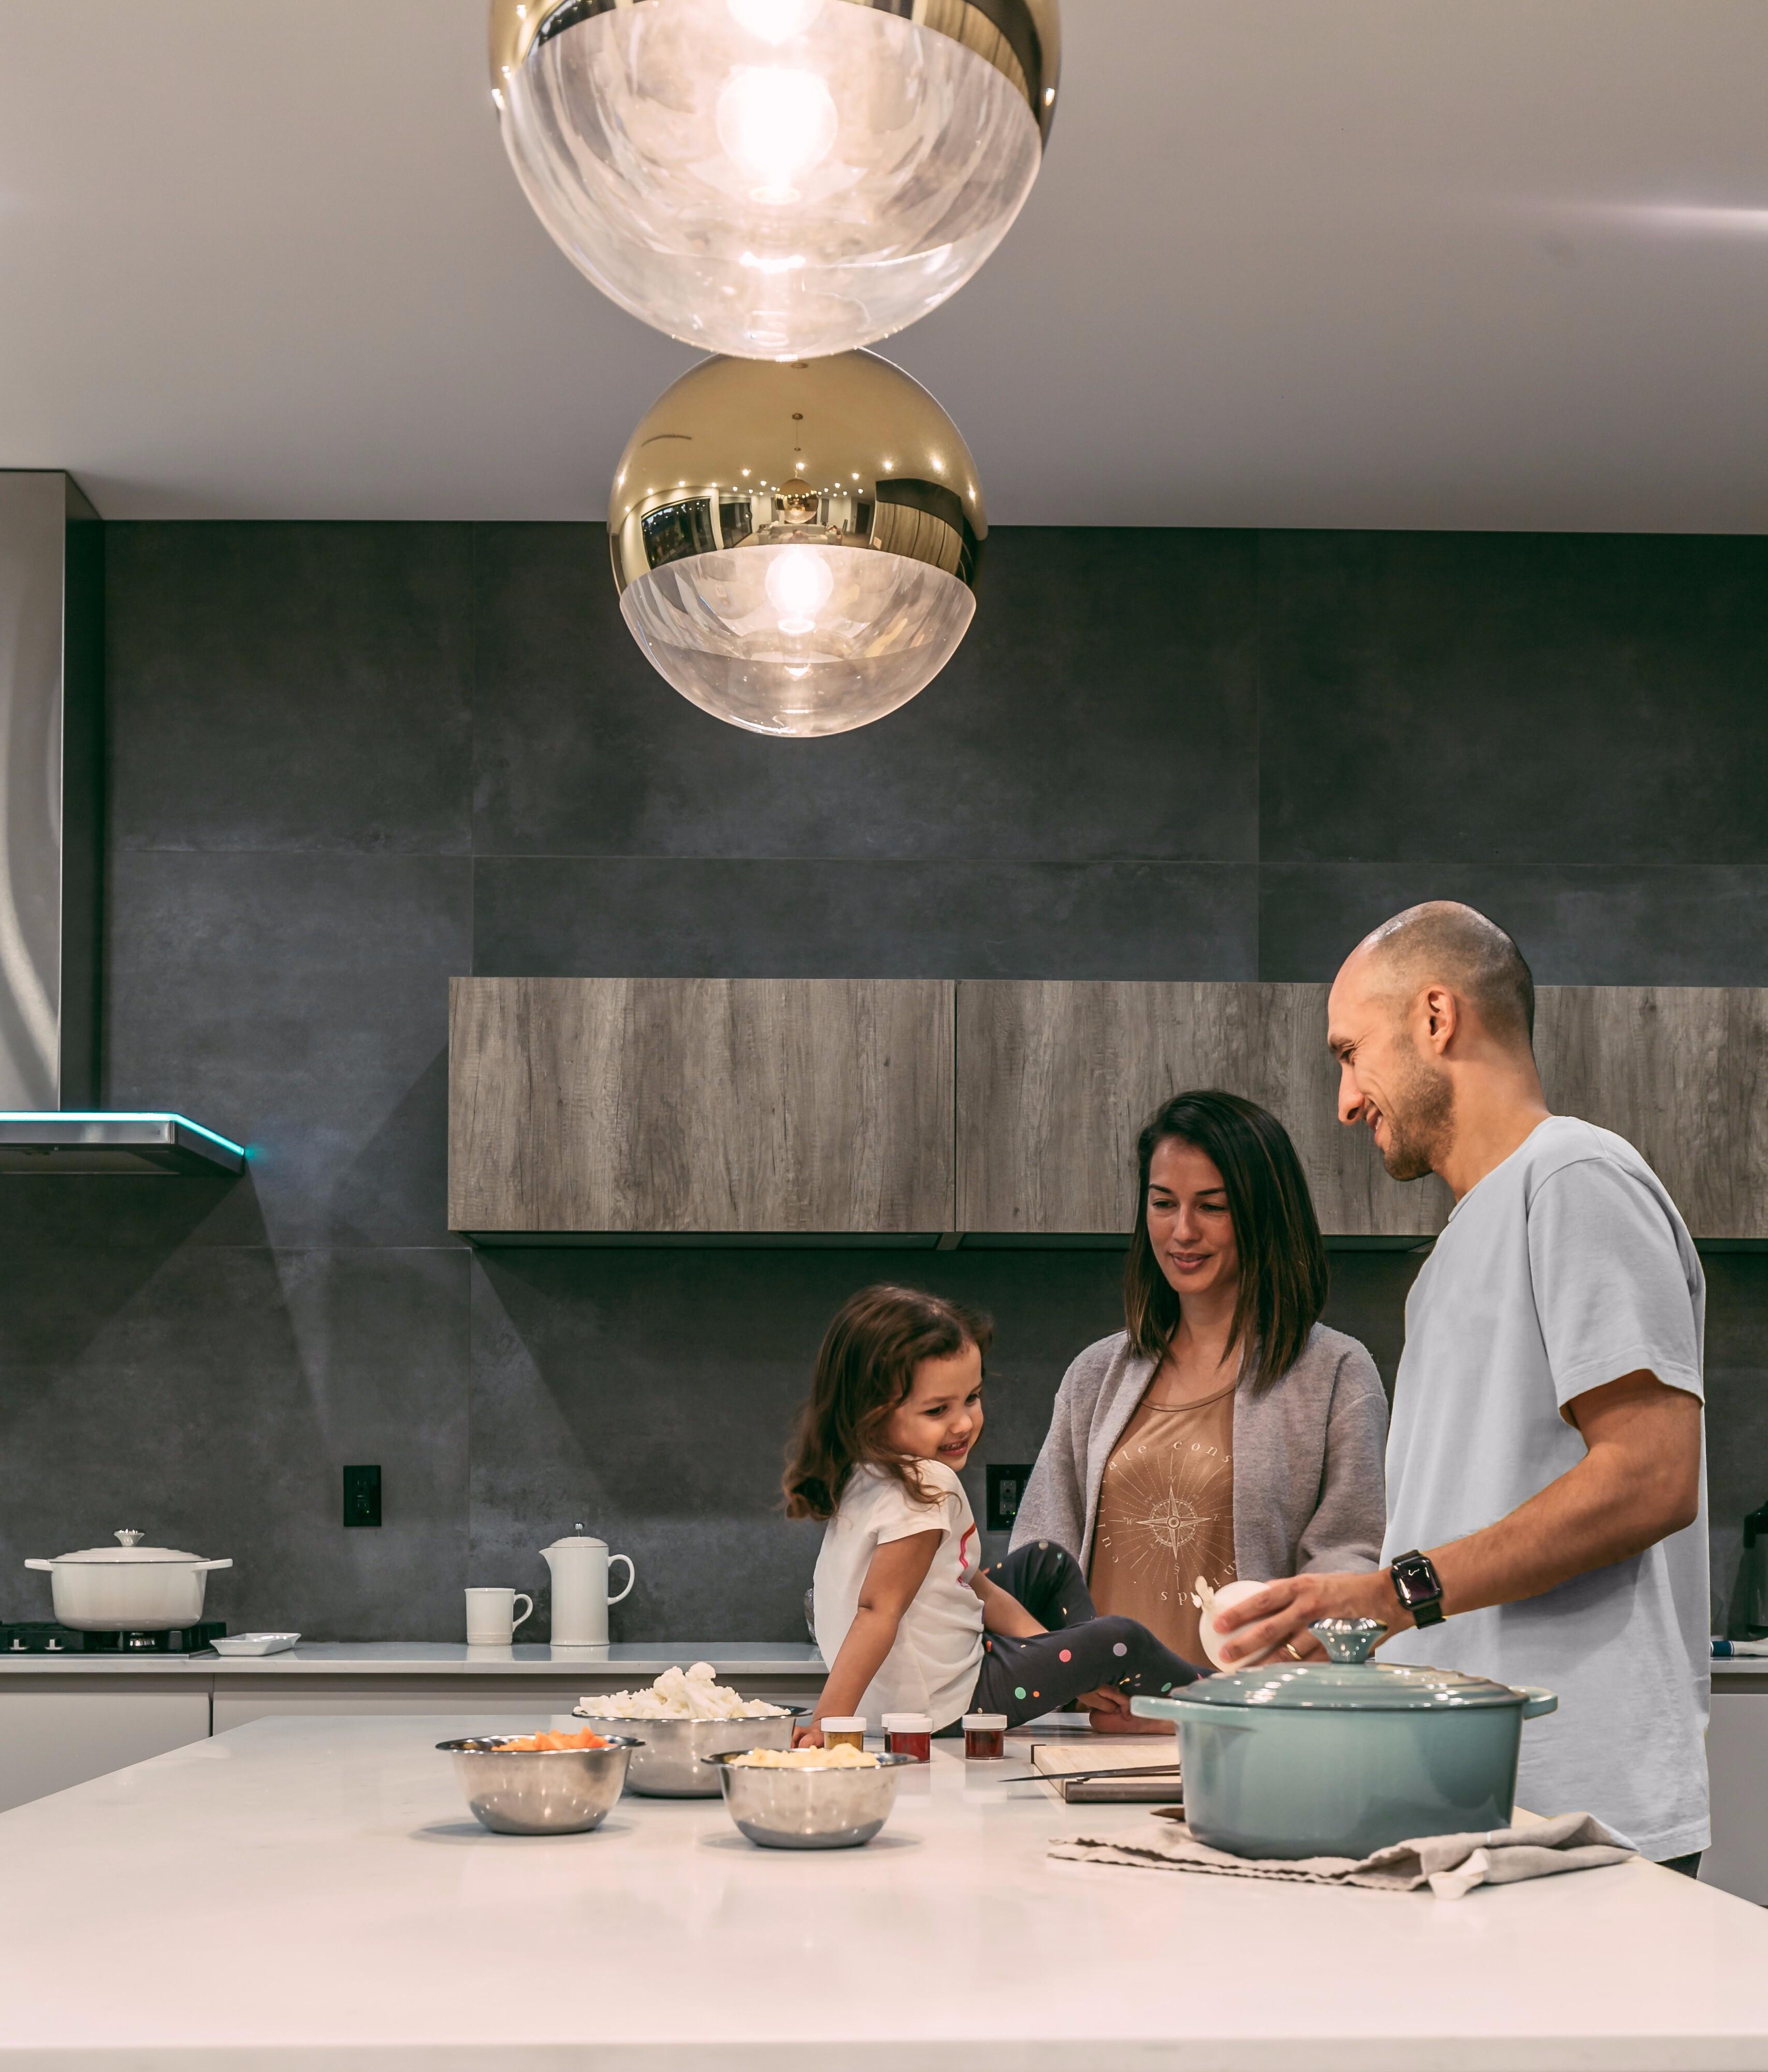 Декор кухни своими руками: оригинальные идеи (30 фото)